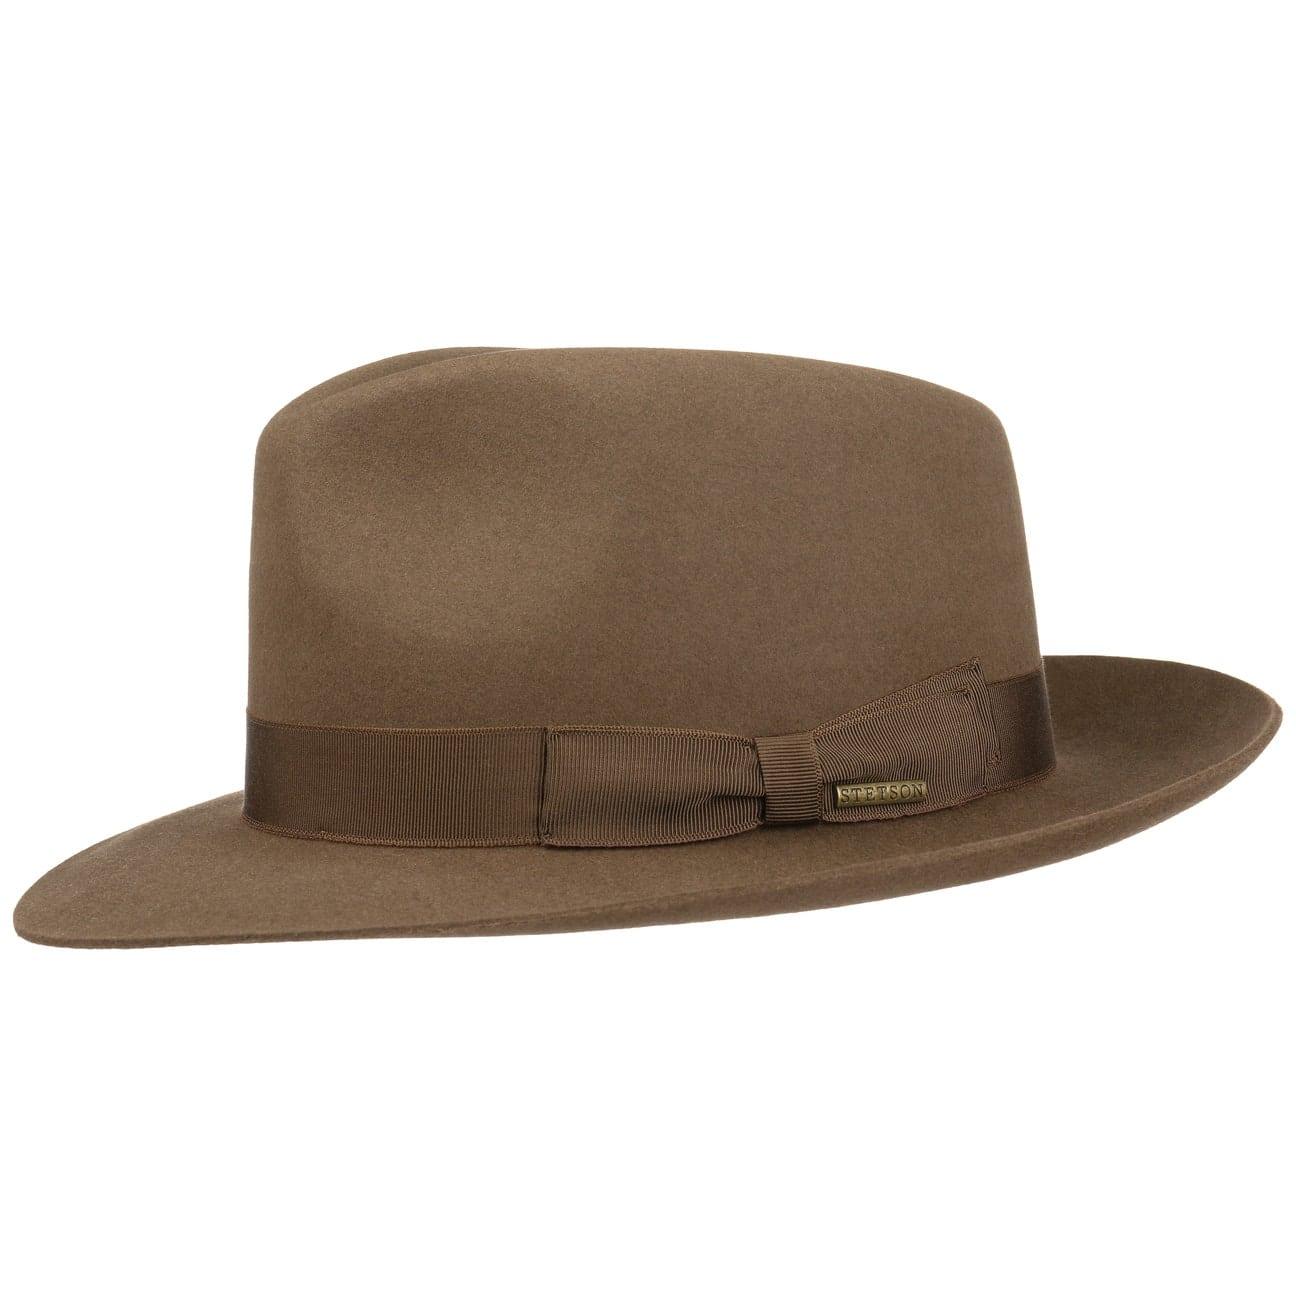 Sombrero Bogart Penn by Stetson  sombrero bogart